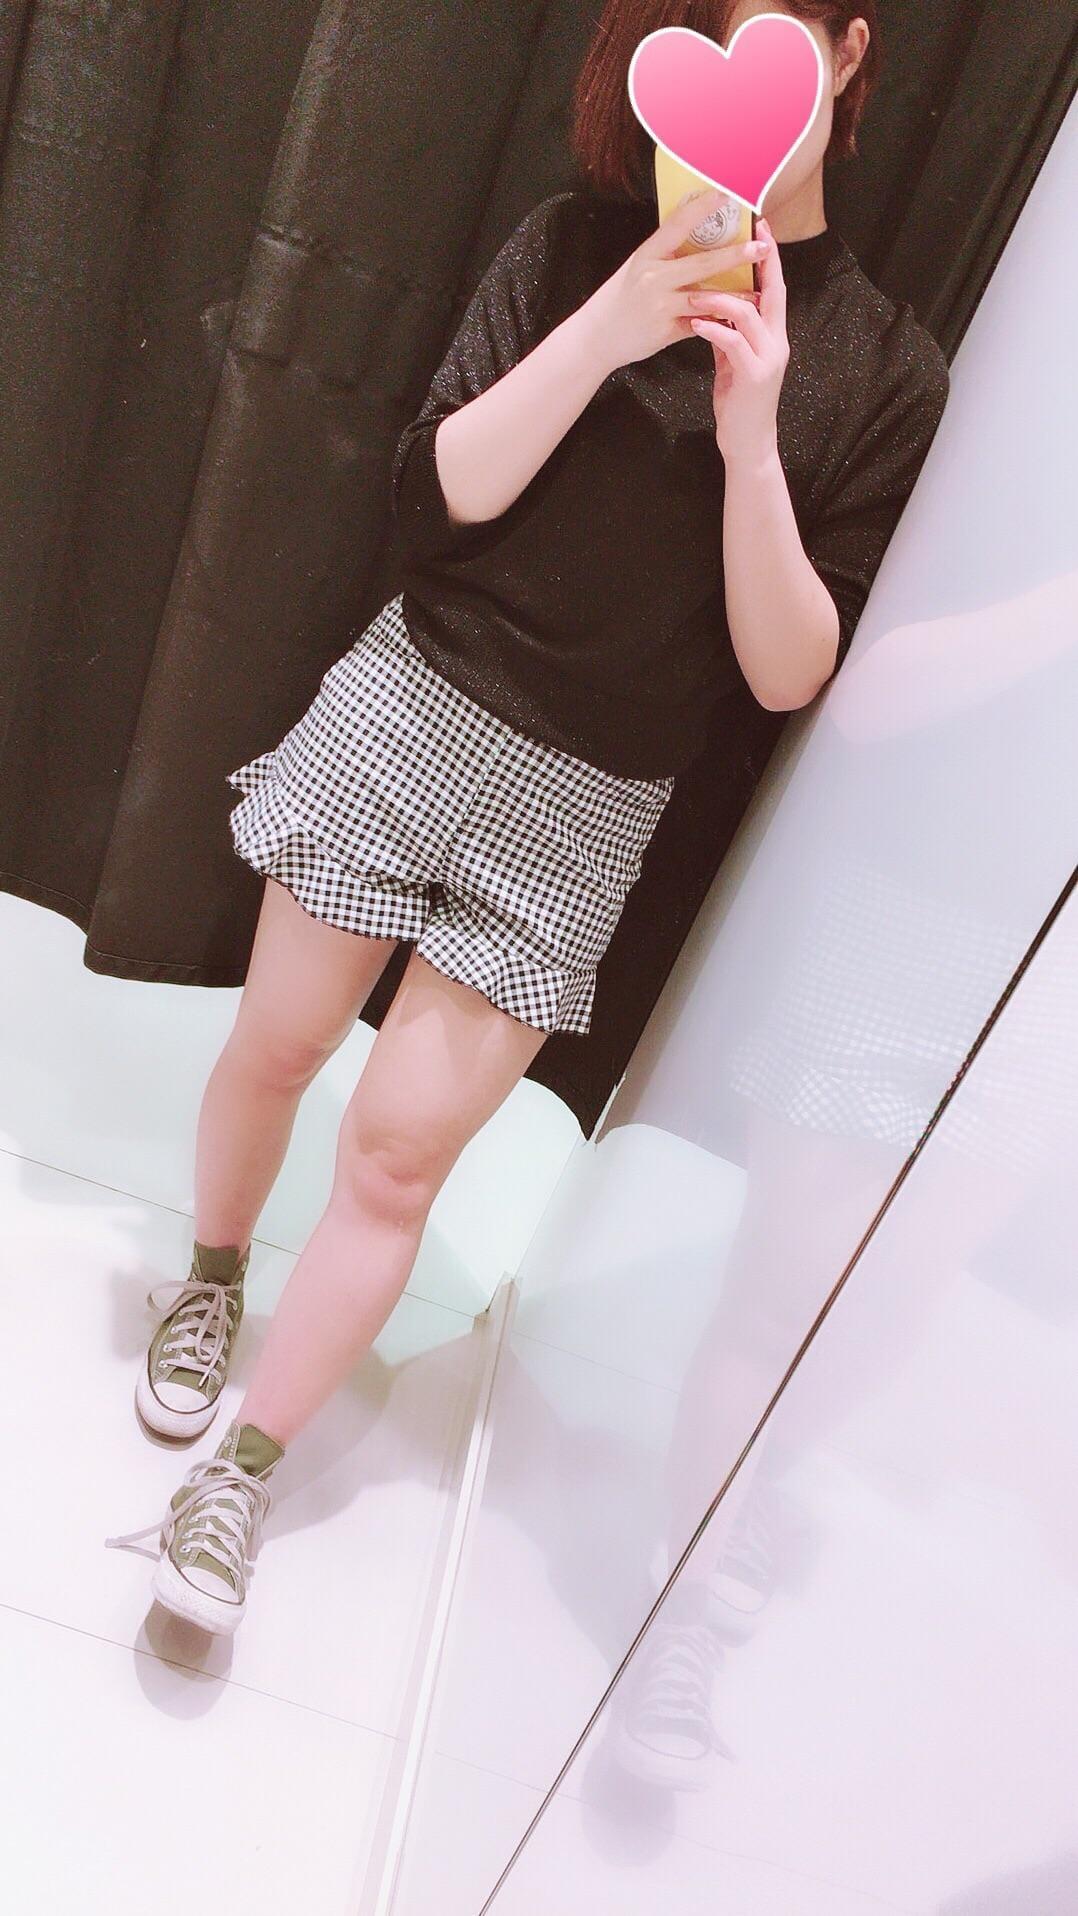 かほ「ご予約Kさん♡お礼日記♡」05/25(金) 22:34   かほの写メ・風俗動画